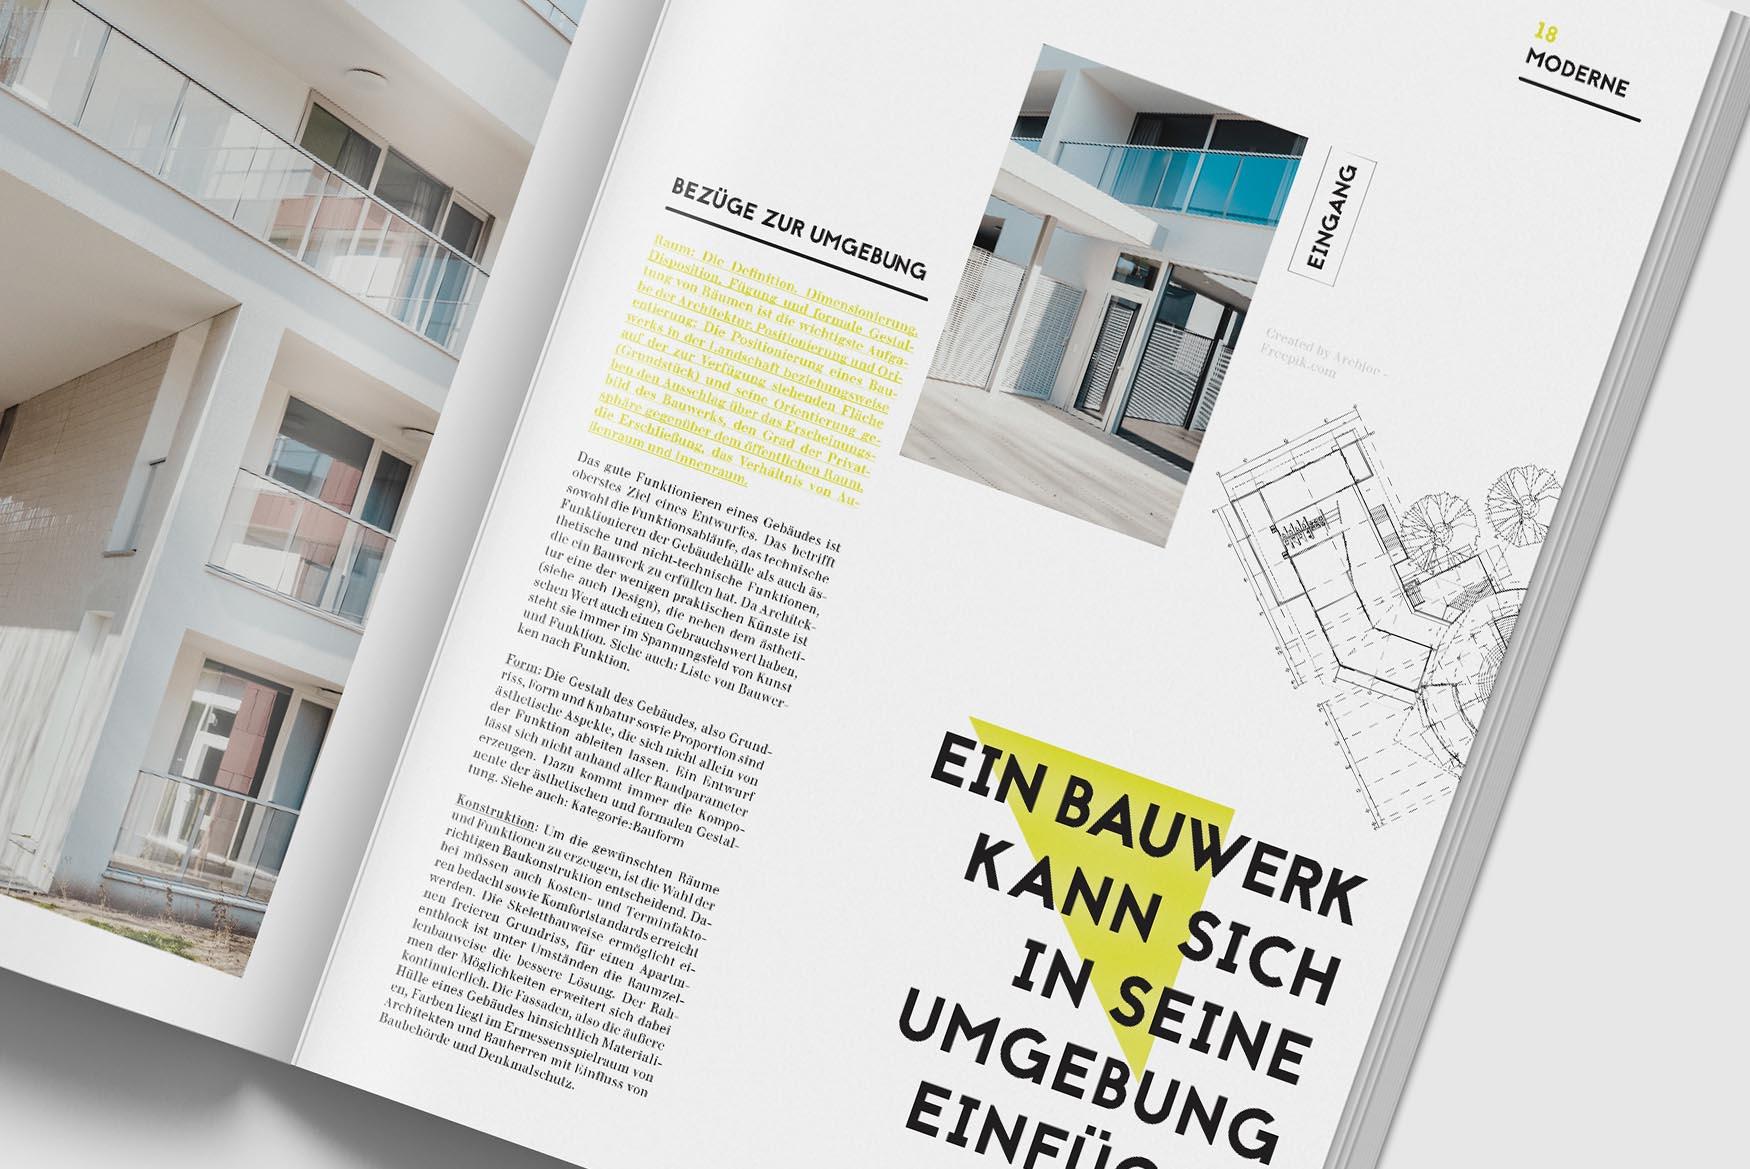 Editorial-Design-Broschuere-Architektur-3-Designagentur-Stuttgart-Kreativbetrieb